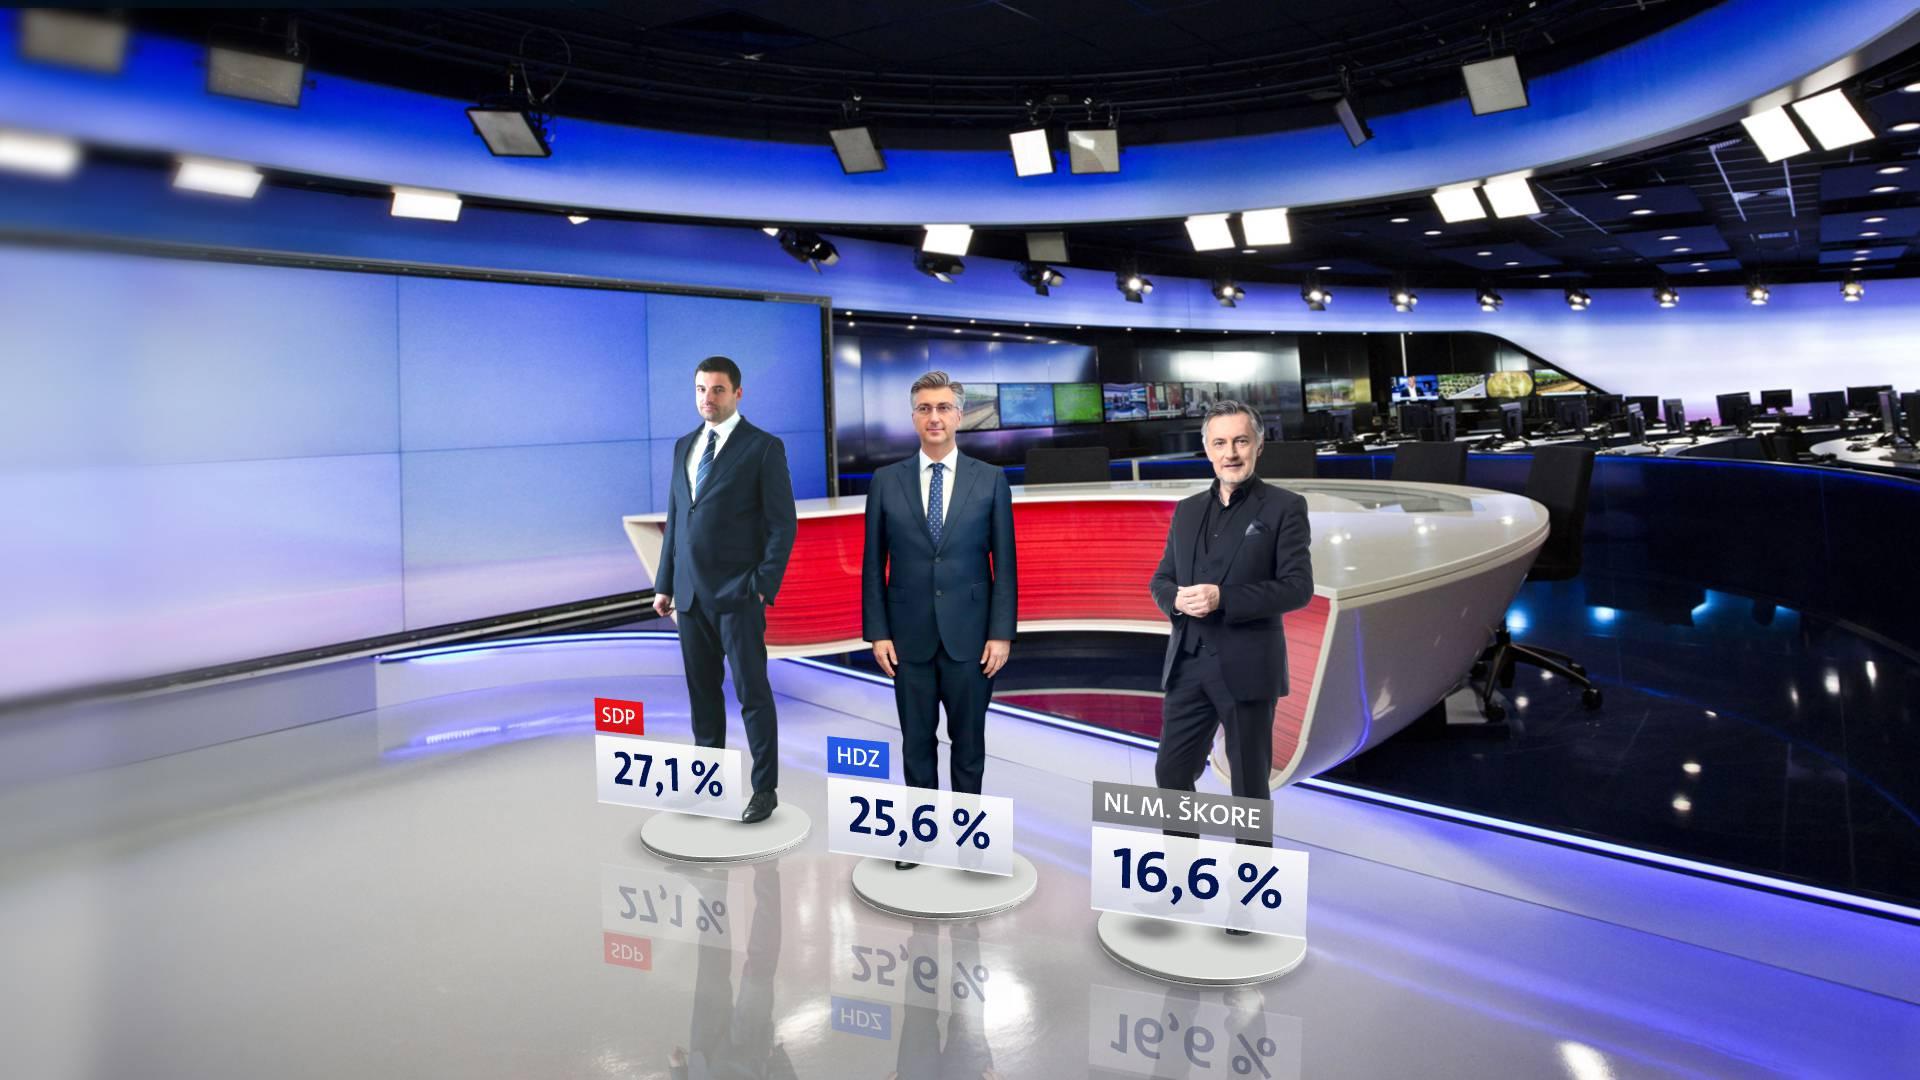 SDP je prvi put u četiri godine najjača stranka: Škoro je treći